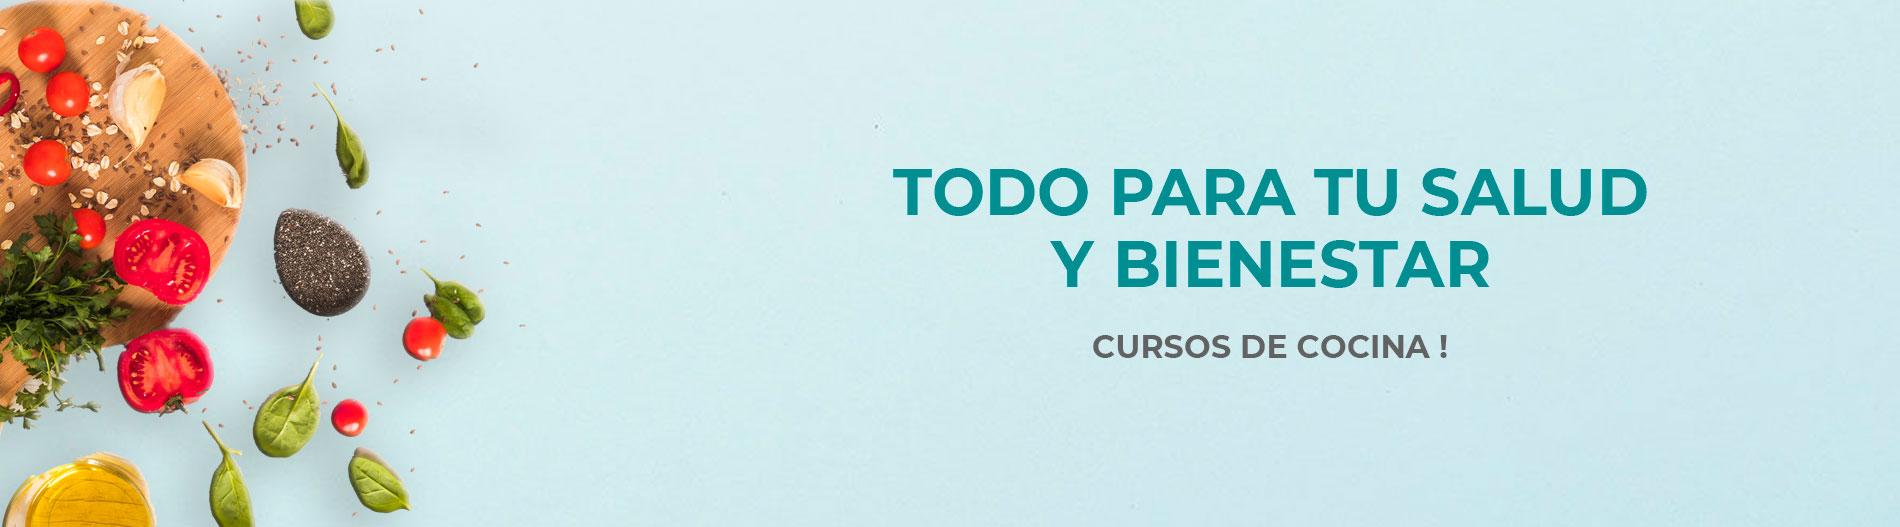 CURSOS DE COCINA  Escuela de Salud  Vive